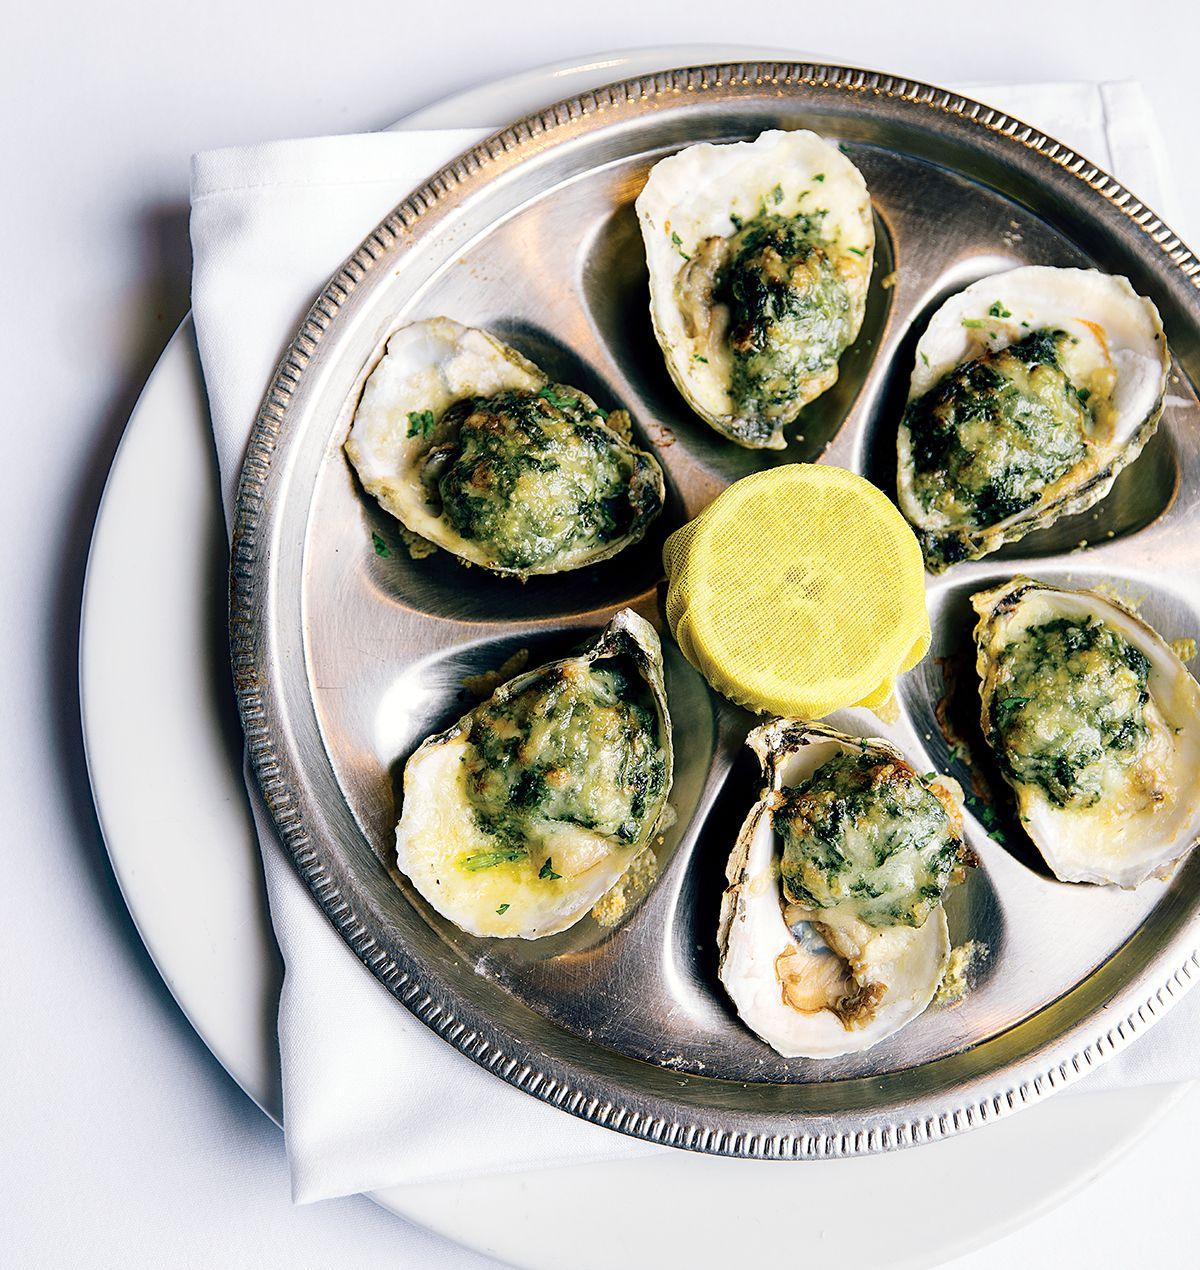 Oysters Rockefeller From Atlantic Fish Restaurants Boston Ma Best Italian